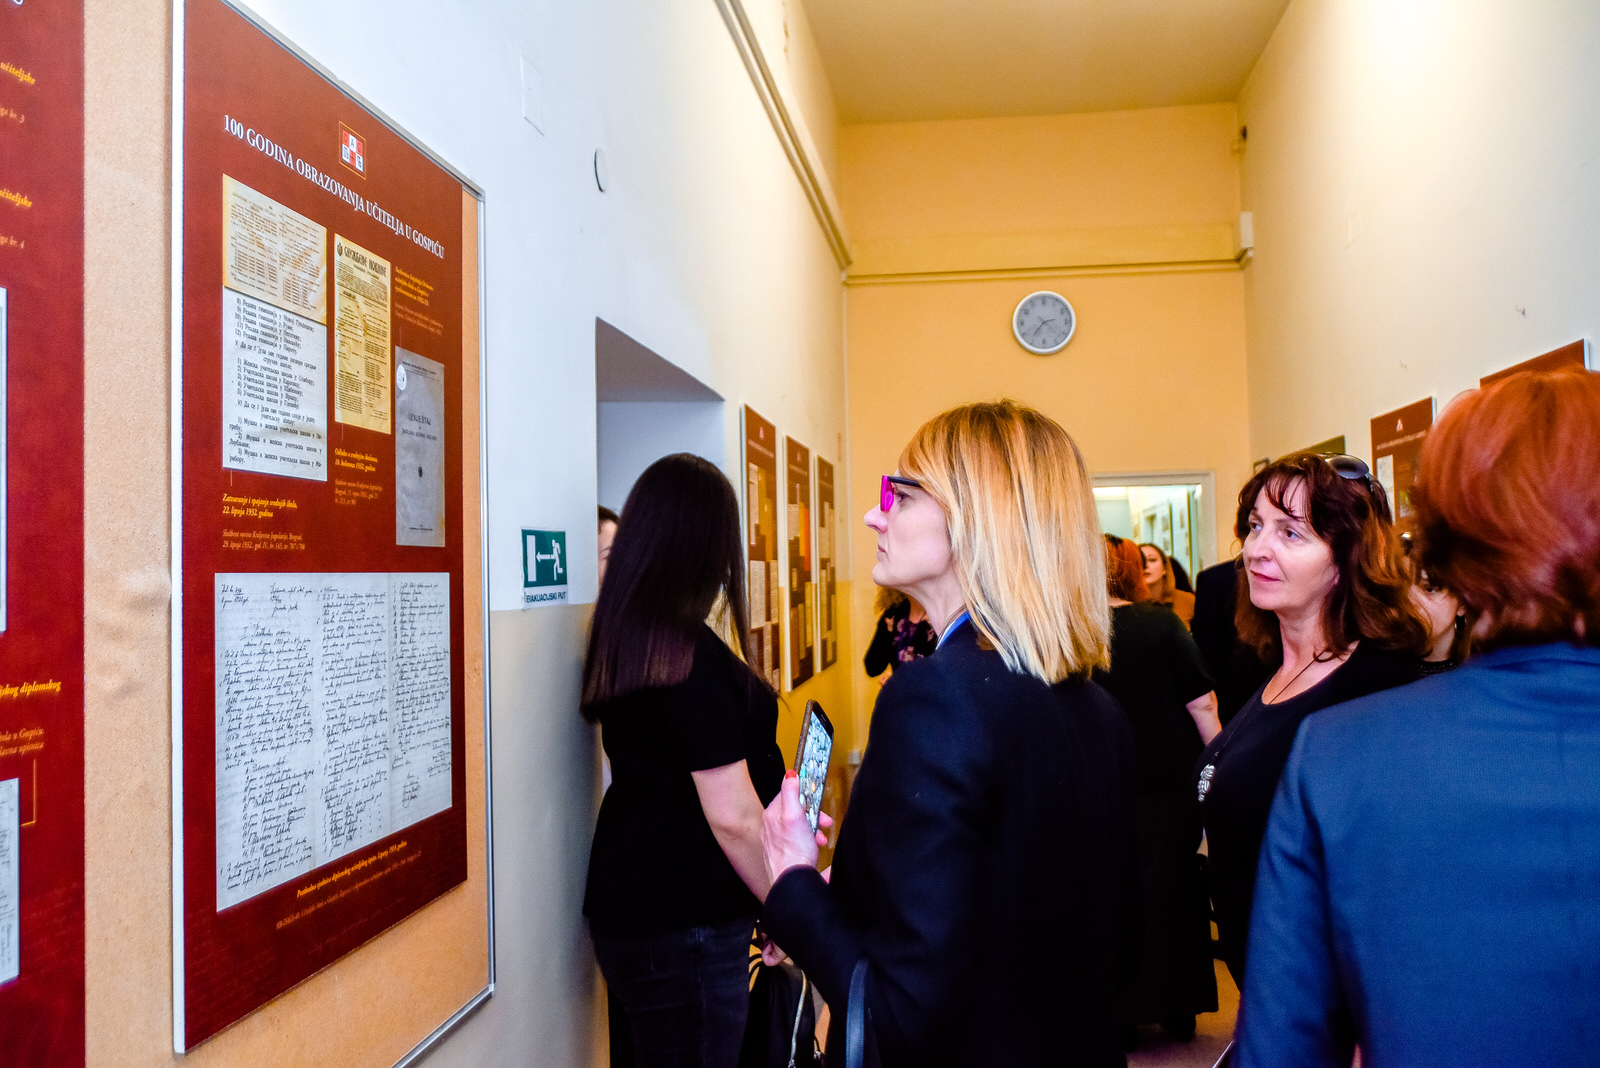 likaclub_gospić_100-godina-obrazovanja-učitelja-u-gospiću_2019-28